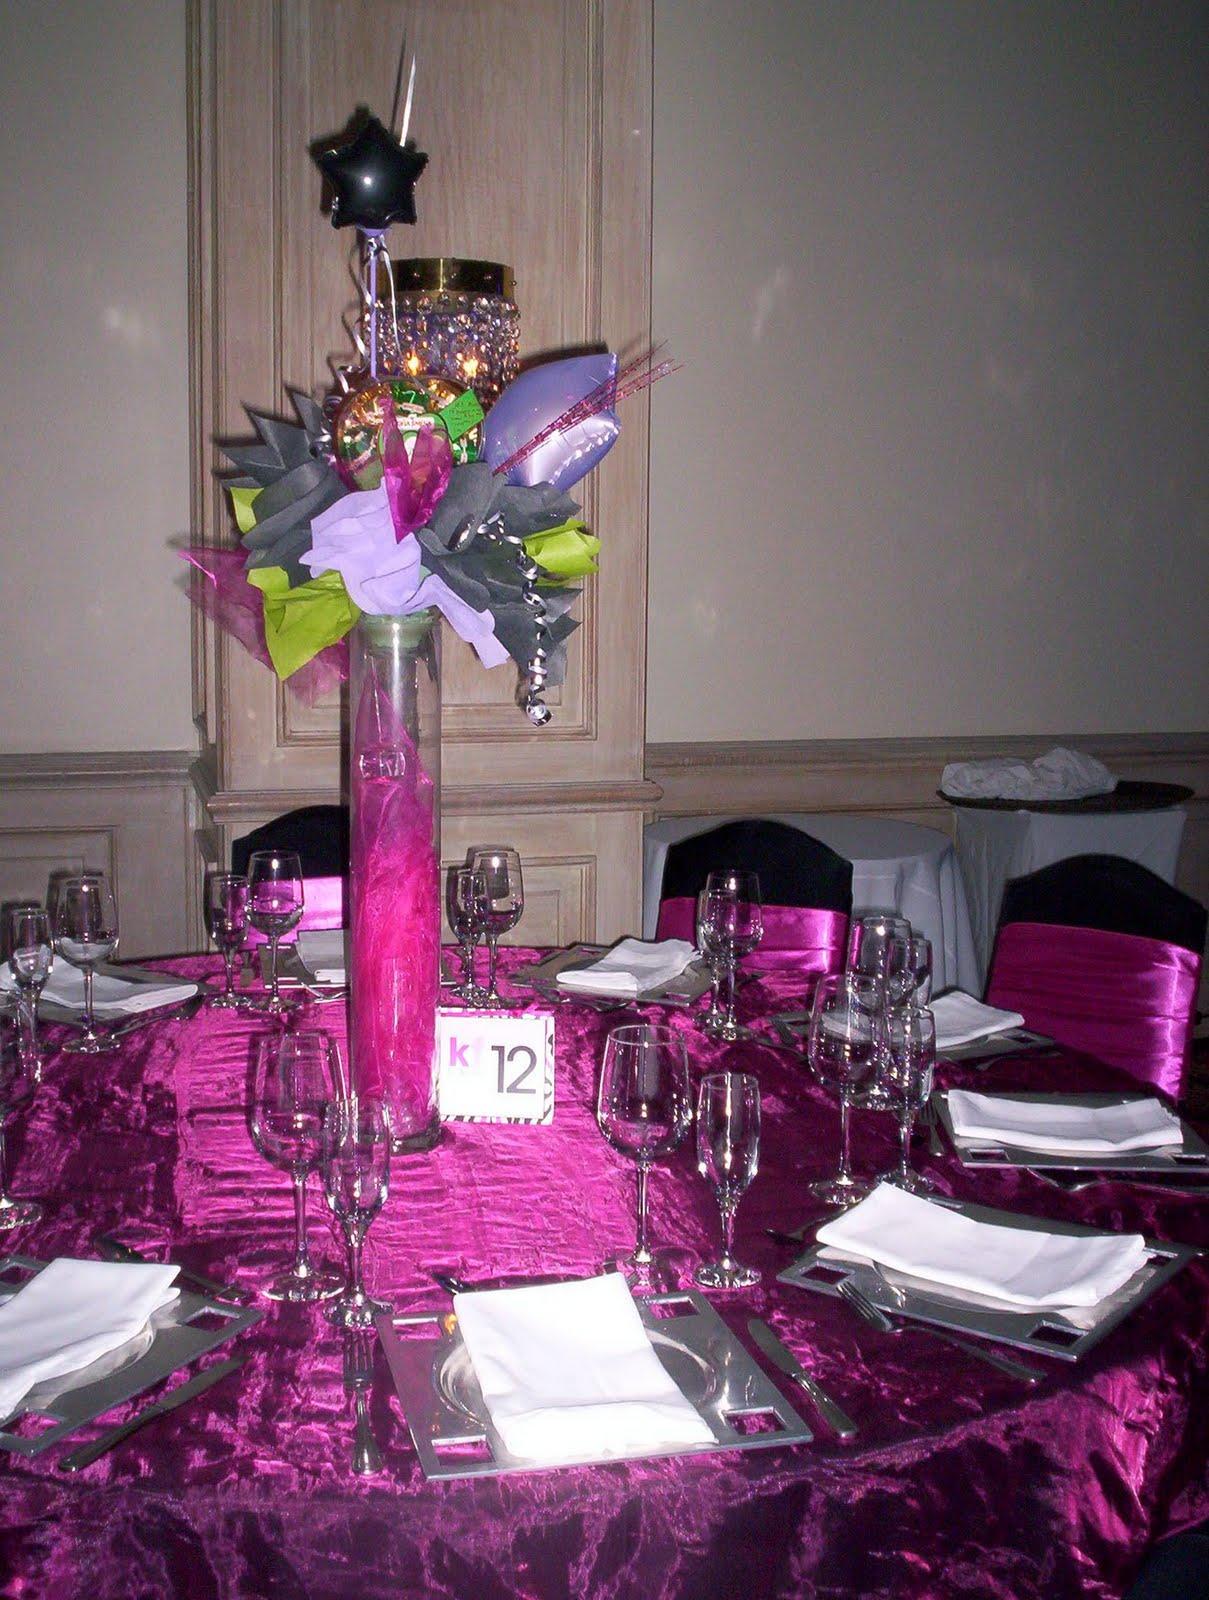 Centros de mesa decoraciones recuerditos organizacion - Decoraciones de salones ...